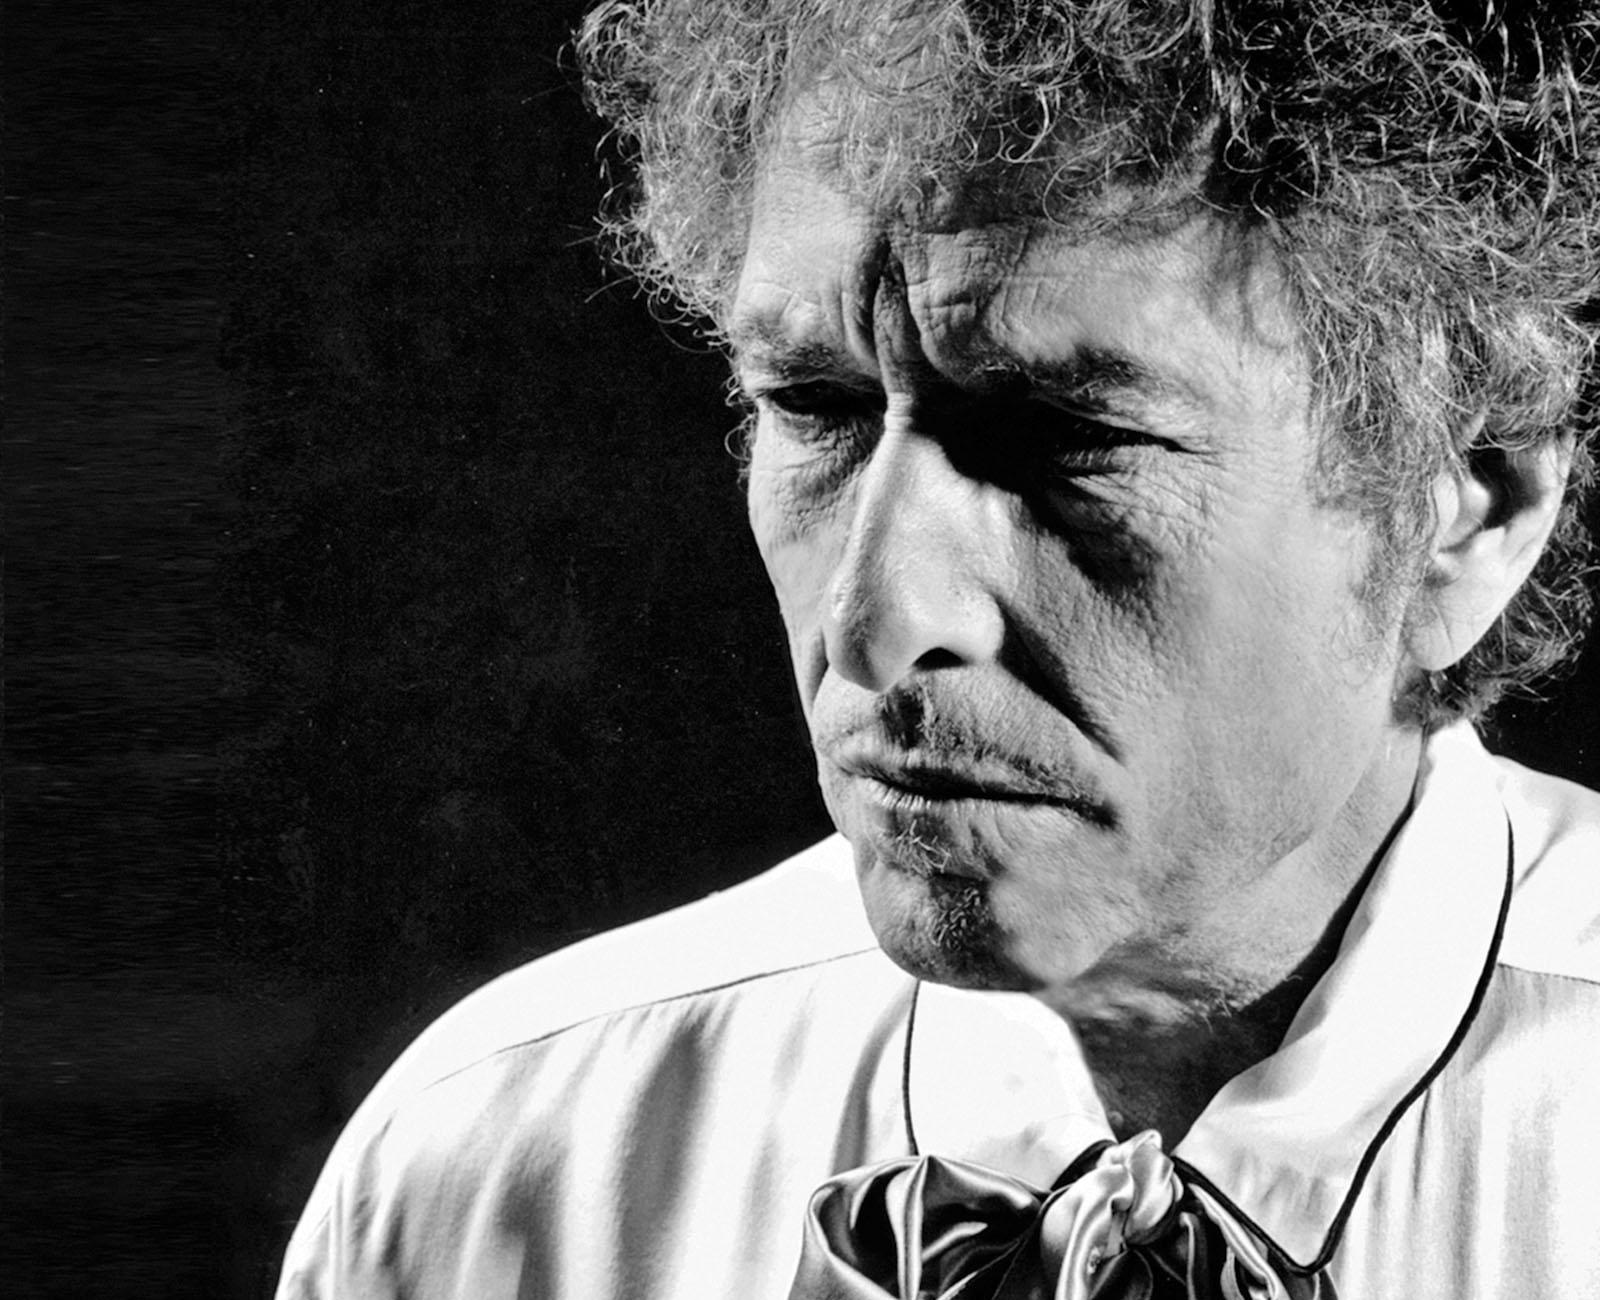 PÚBLICO - Bob Dylan: o que nunca deixaremos de cantar